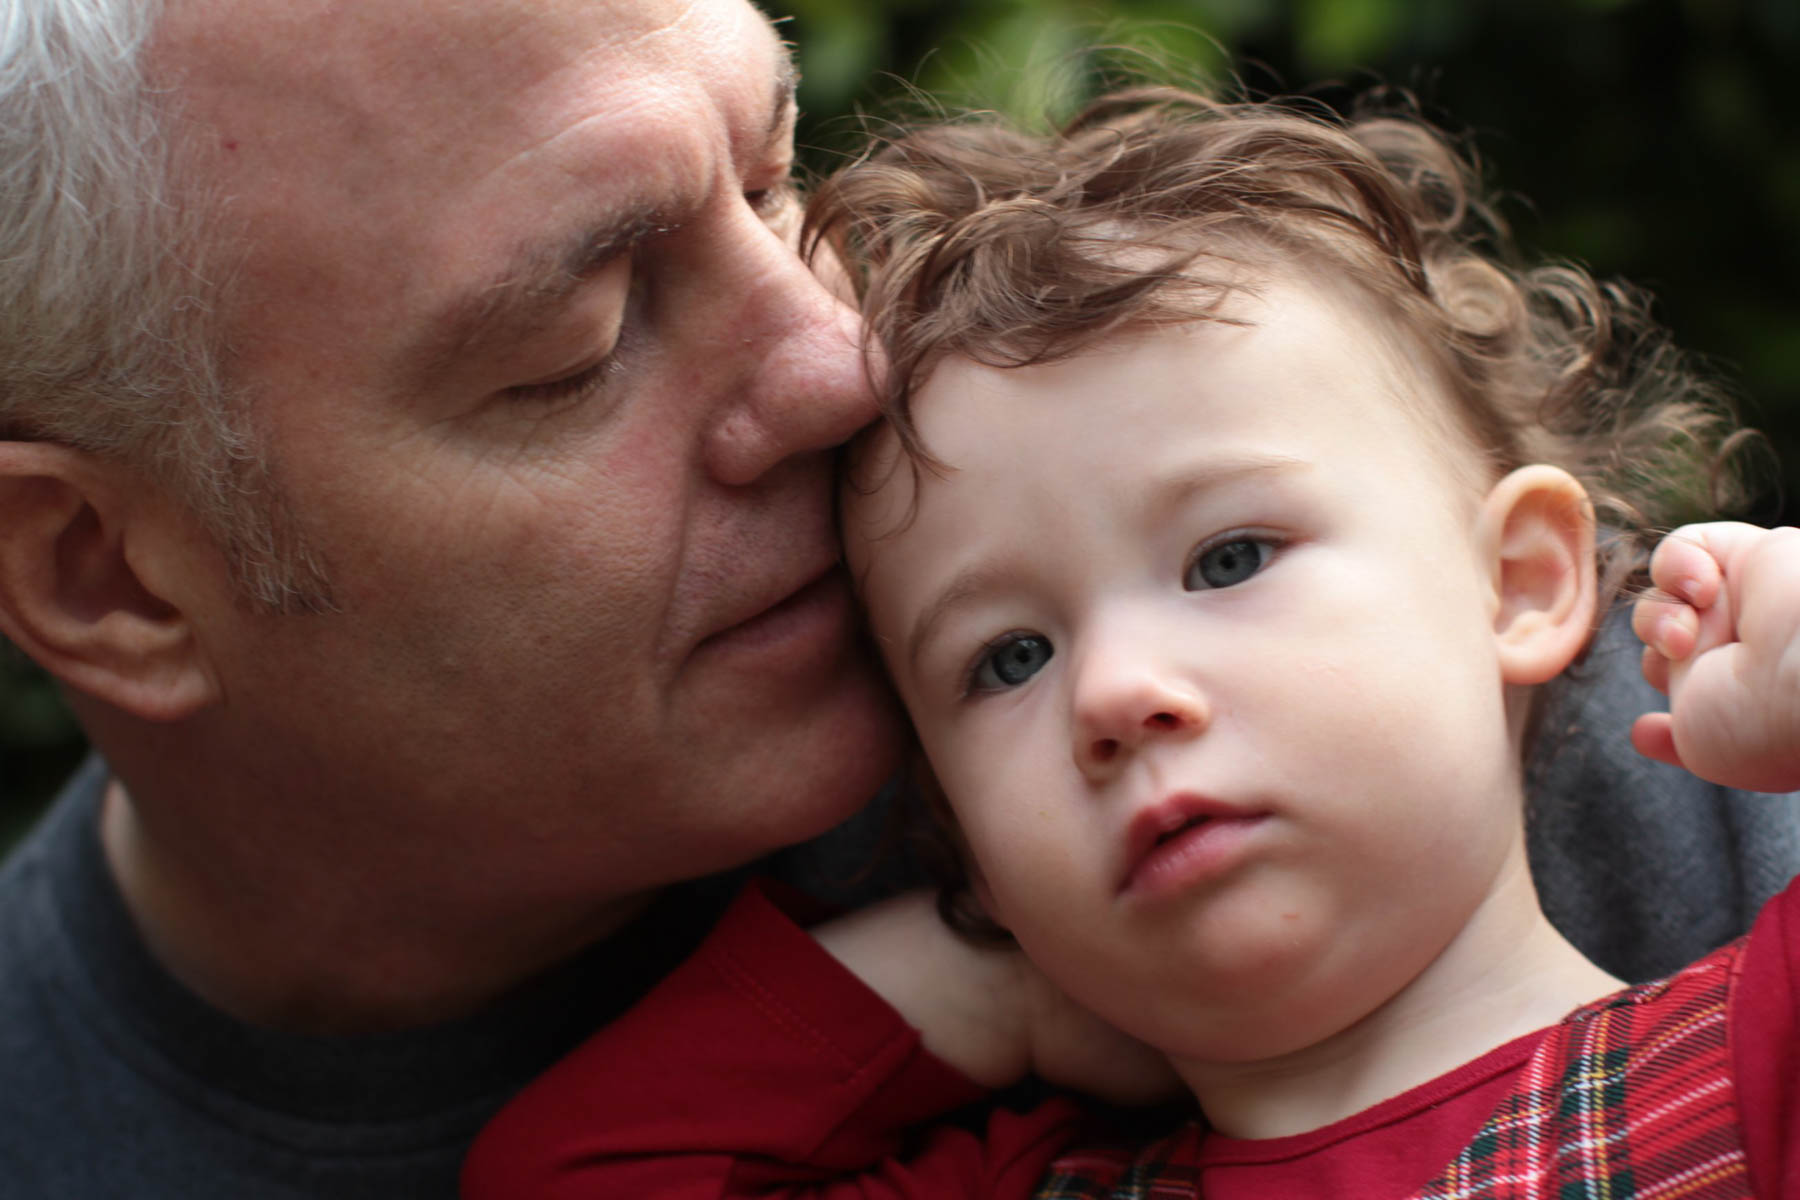 Grandpa with grandchild